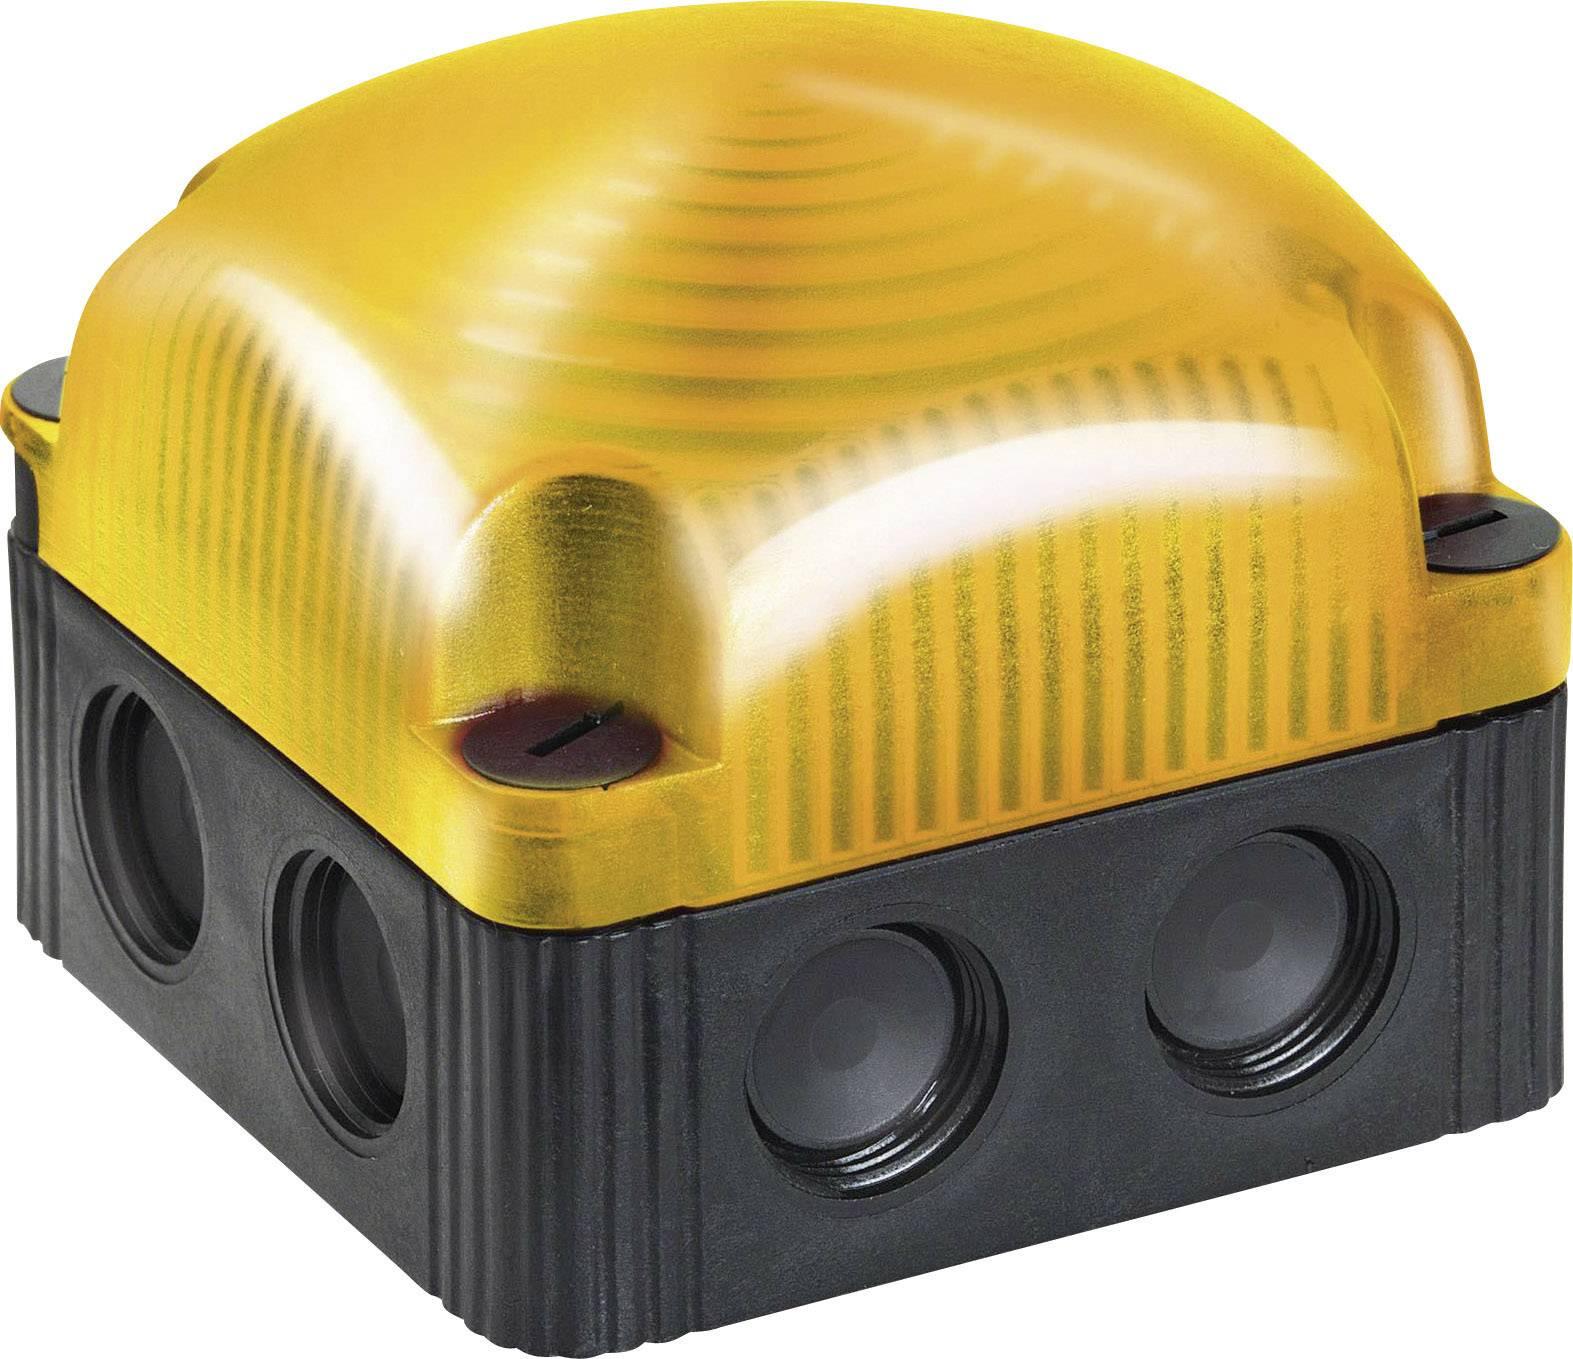 Signalizačné osvetlenie LED Werma Signaltechnik 853.310.60, 230 V/AC, žltá